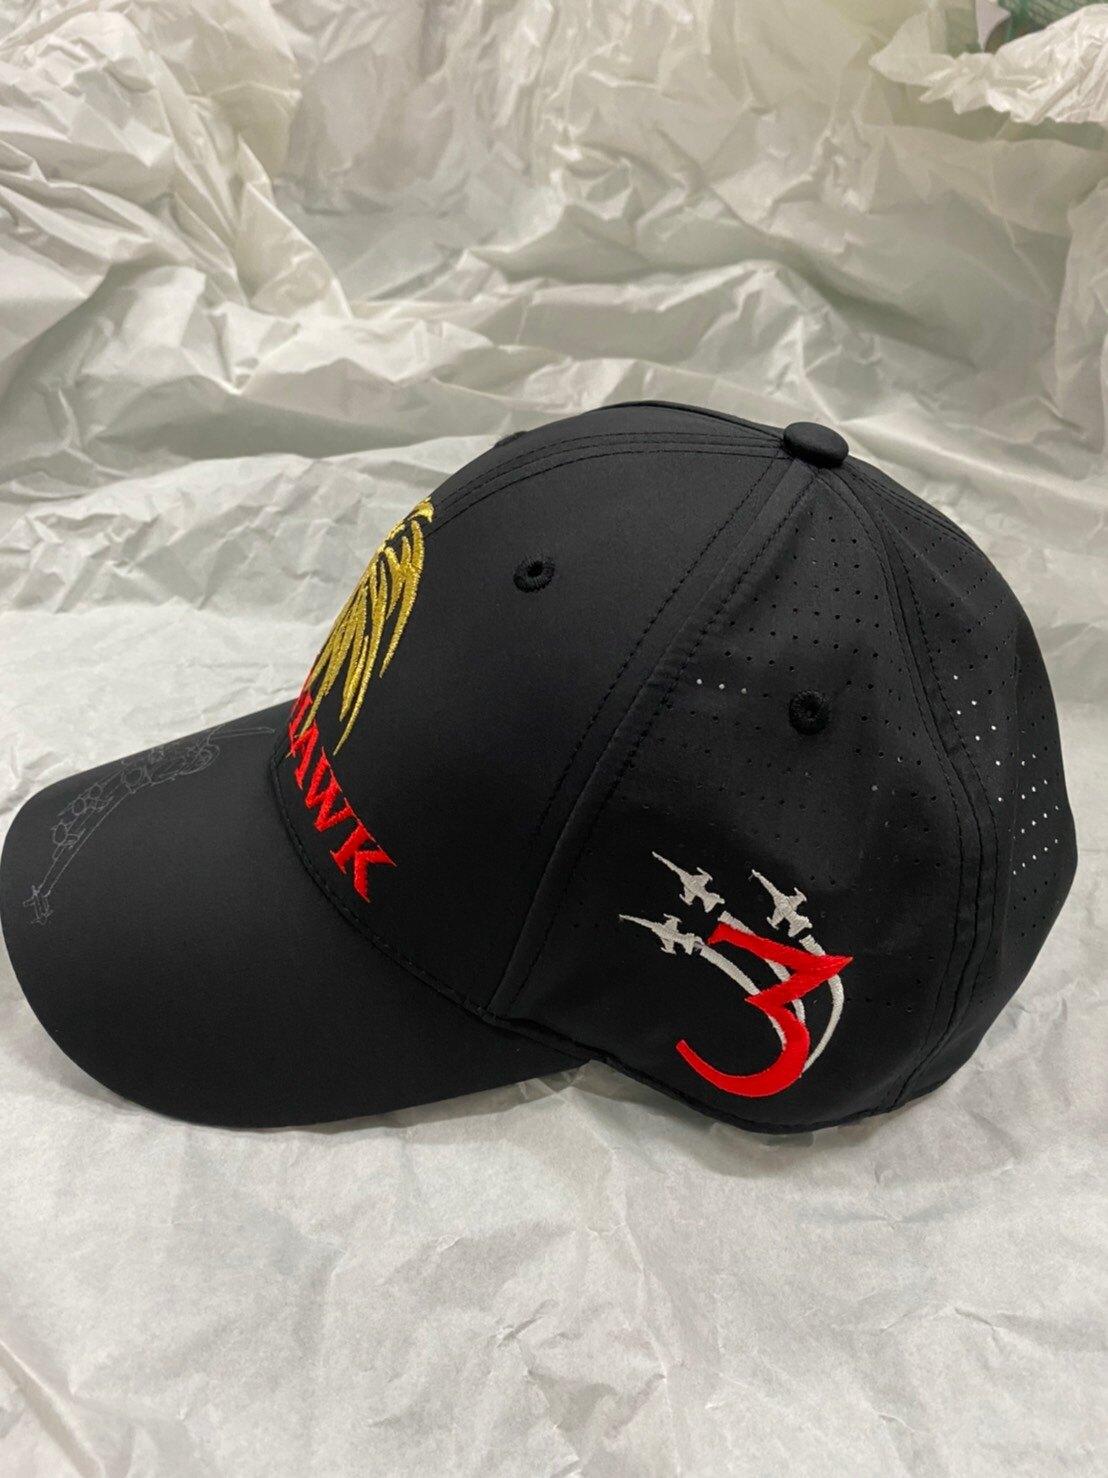 【我愛空軍】台灣製 帽 慶祝814空軍節特惠價 IDF便帽 蒼鷹 棒球帽 黑色C3-129